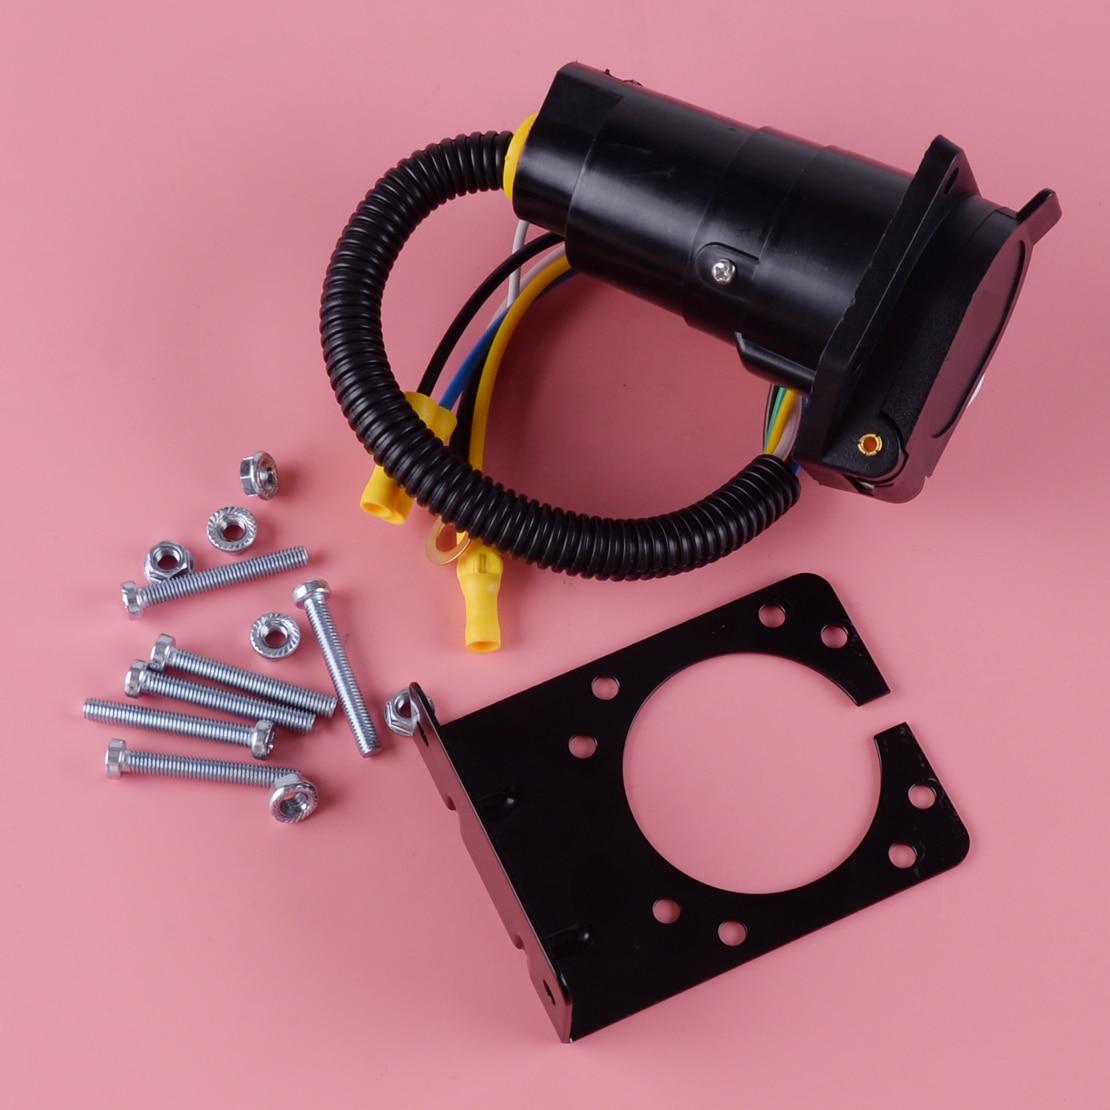 DWCX MIC-AP-210C 4-Way Flach zu 7 Weg Runde RV Klinge Verdrahtung Adapter Trailer Hitch Stecker mit Halterung Zubehör